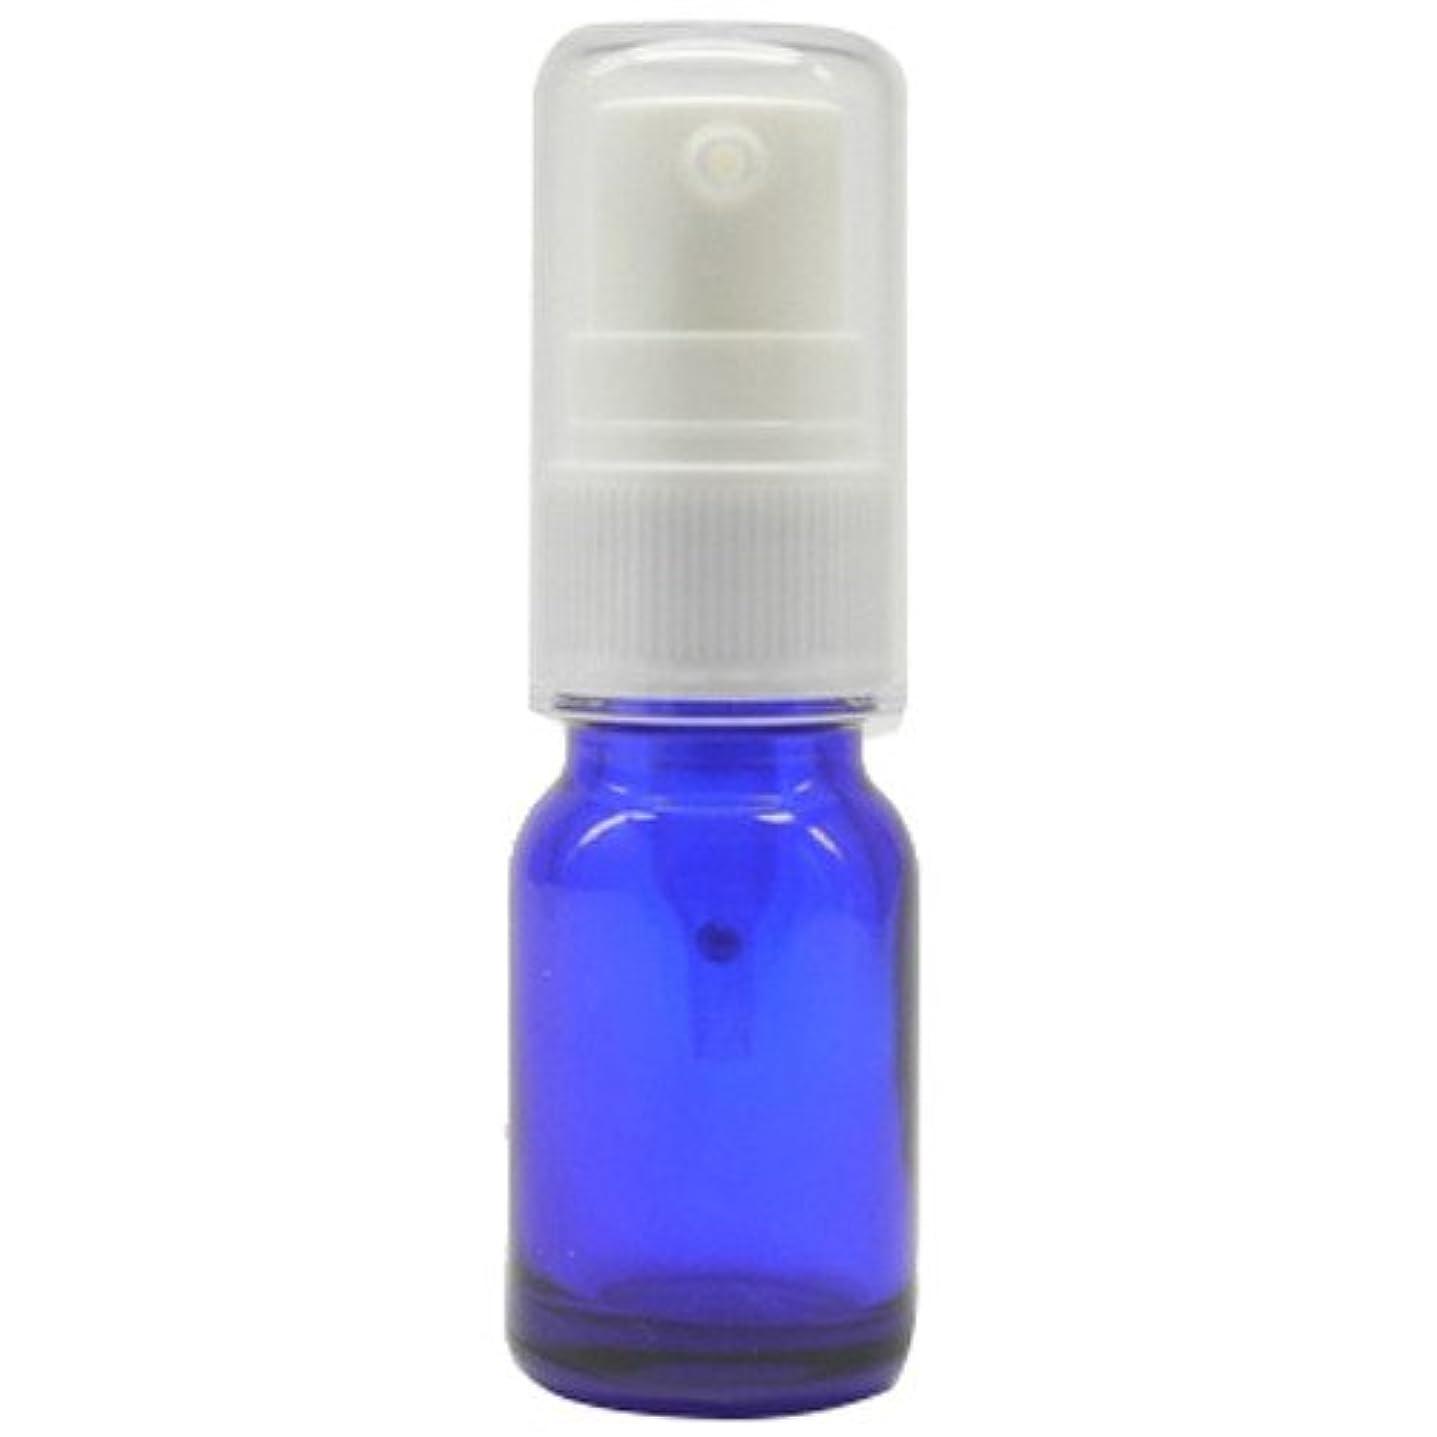 嫌悪召喚する再生的アロマアンドライフ (D)ブルーポンプ瓶10ml 3本セット